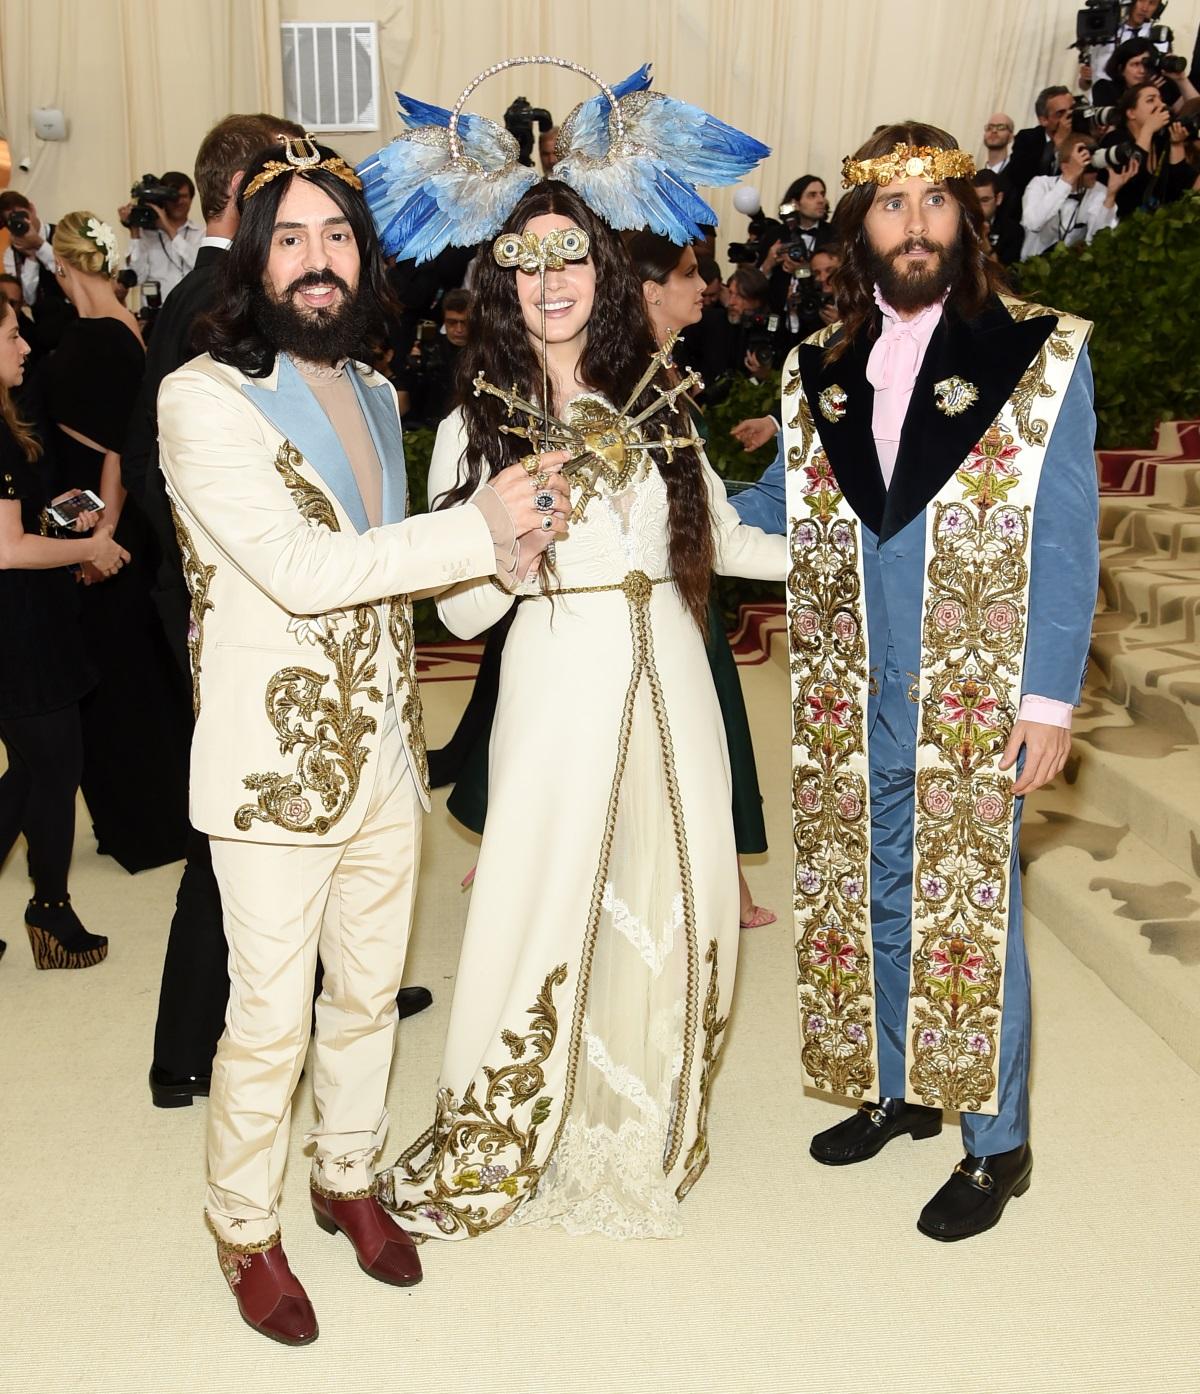 Певицата Лана дел Рей, актьорът и музикант Джаред Лето и модният дизайнерАлесандро Мишел